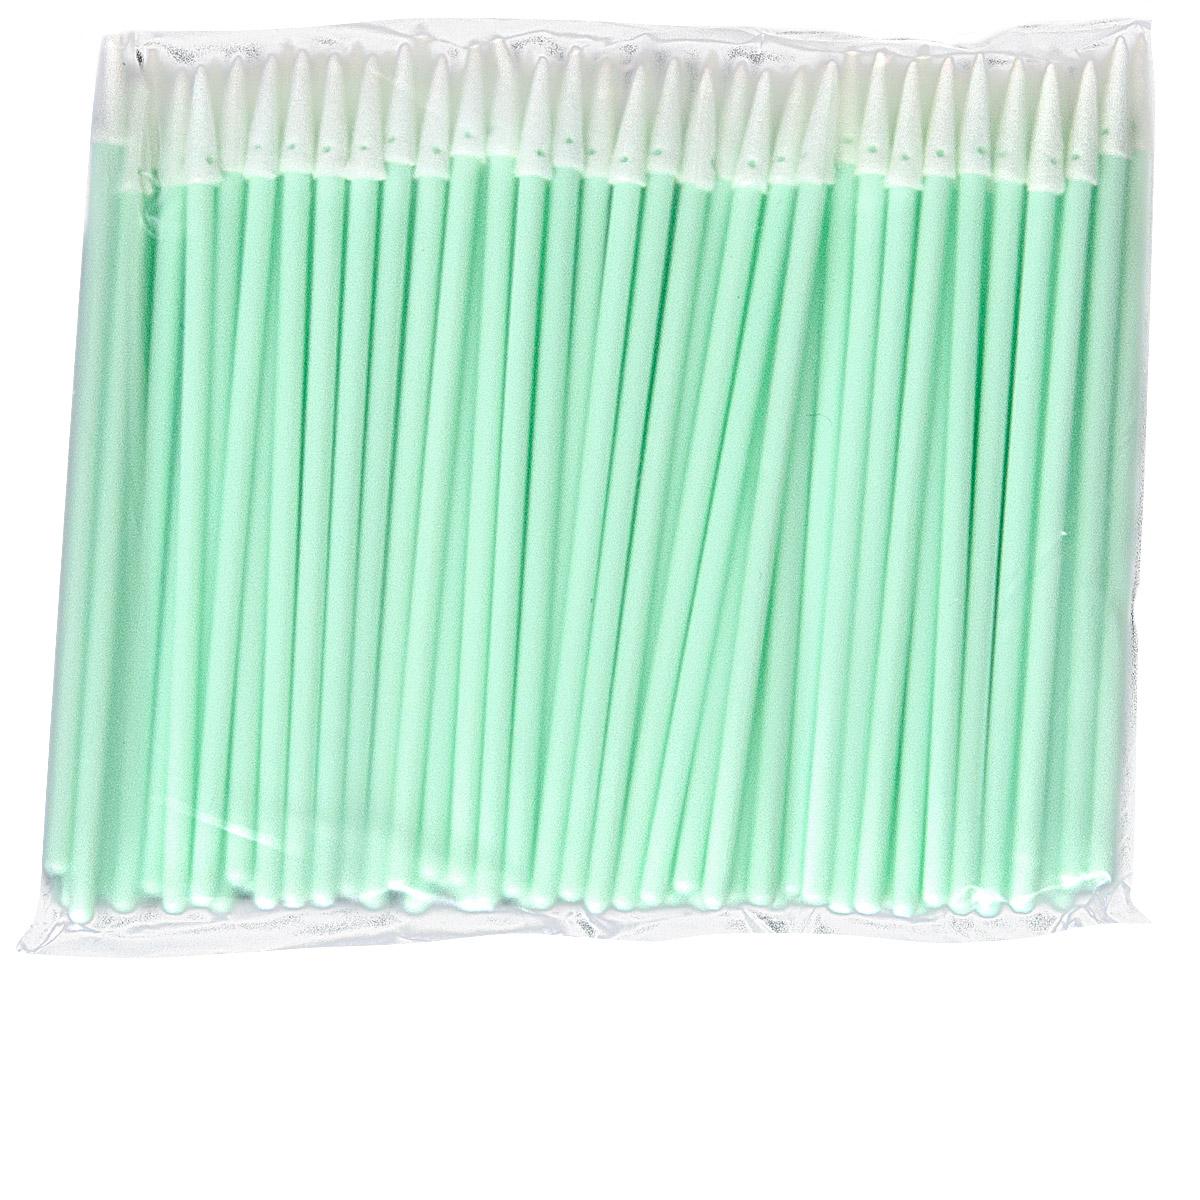 50x Reinigungsstäbchen S  | Cleaning Sticks für Druckköpfe | Großformatdrucker